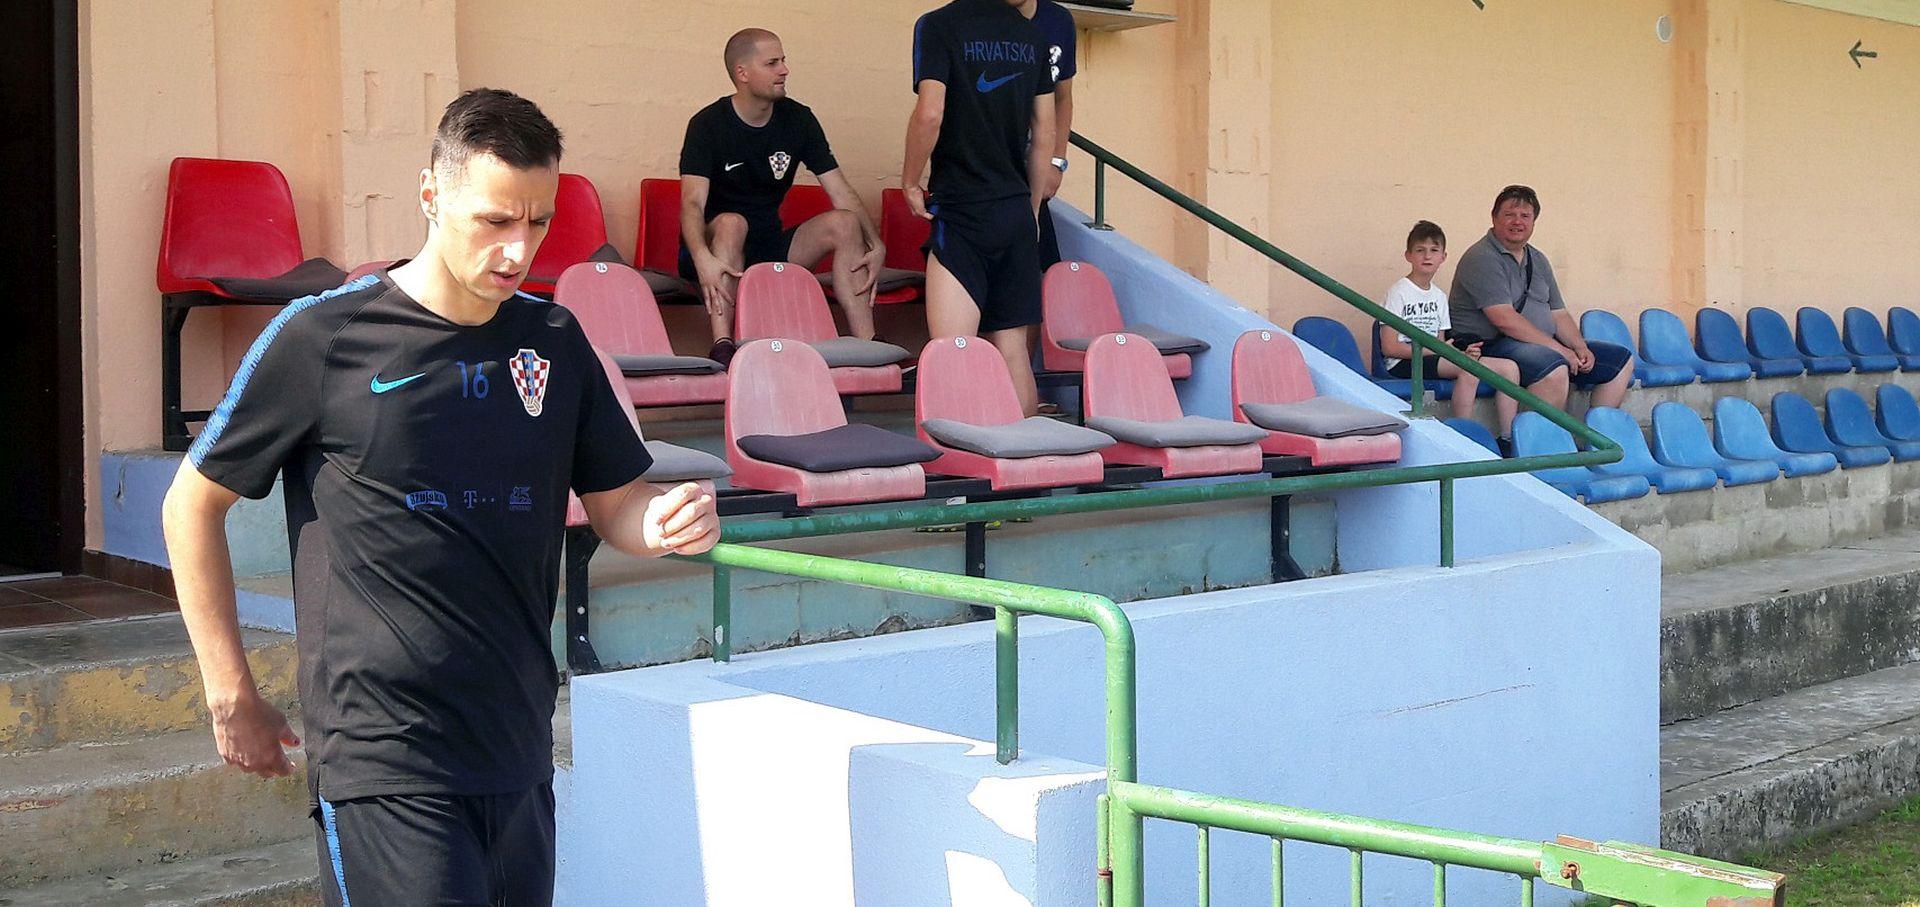 """SVE JE POČELO OVIM PITANJEM: """"Kako Kramarić može igrati prije mene?"""""""